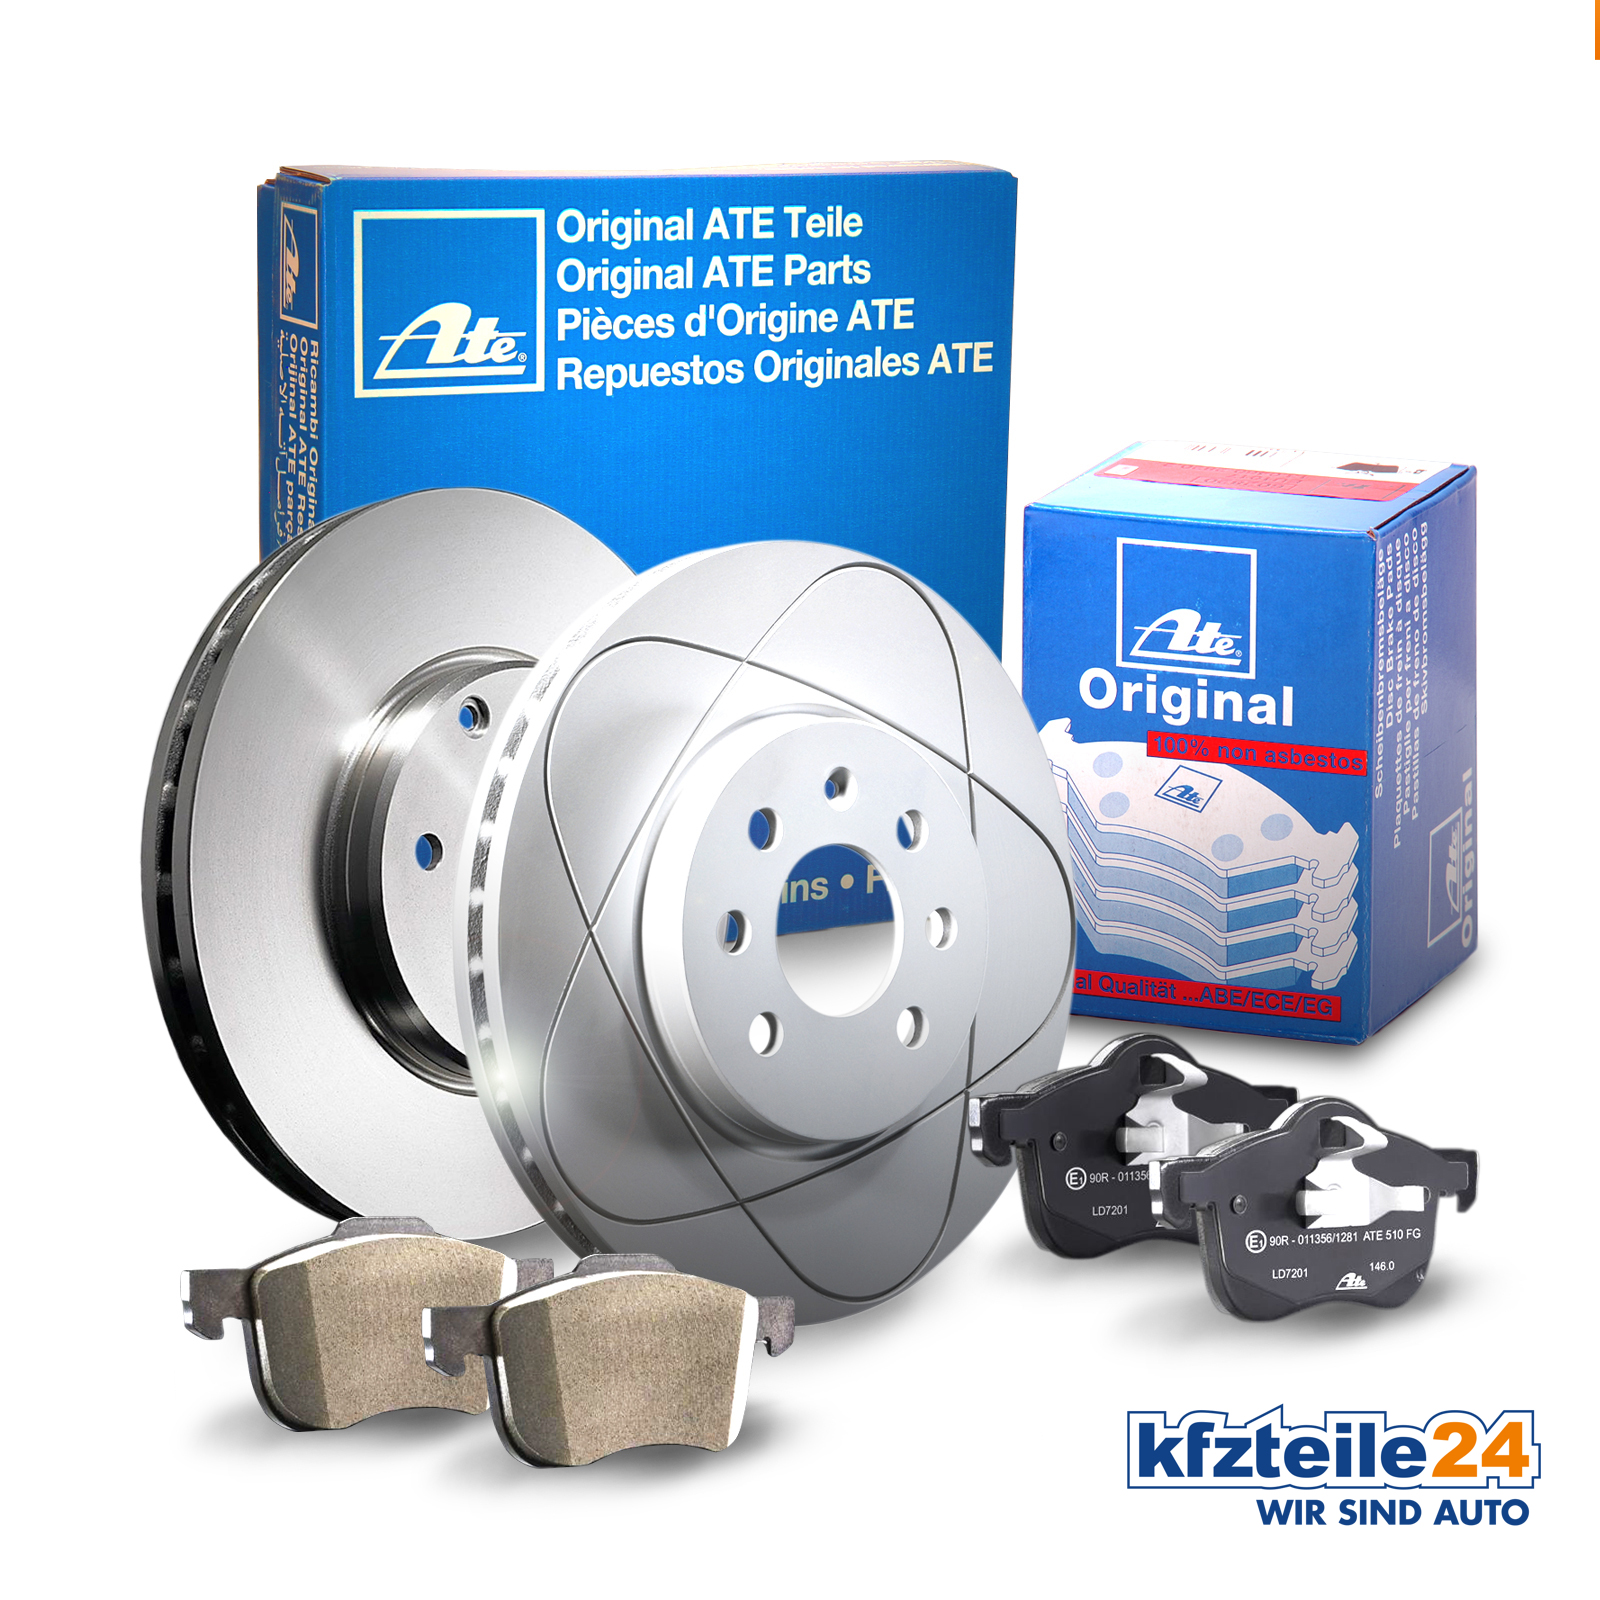 Bremsbeläge Hinten u.a für Hyundai KIA ATE2 Bremsscheiben Voll 262 mm